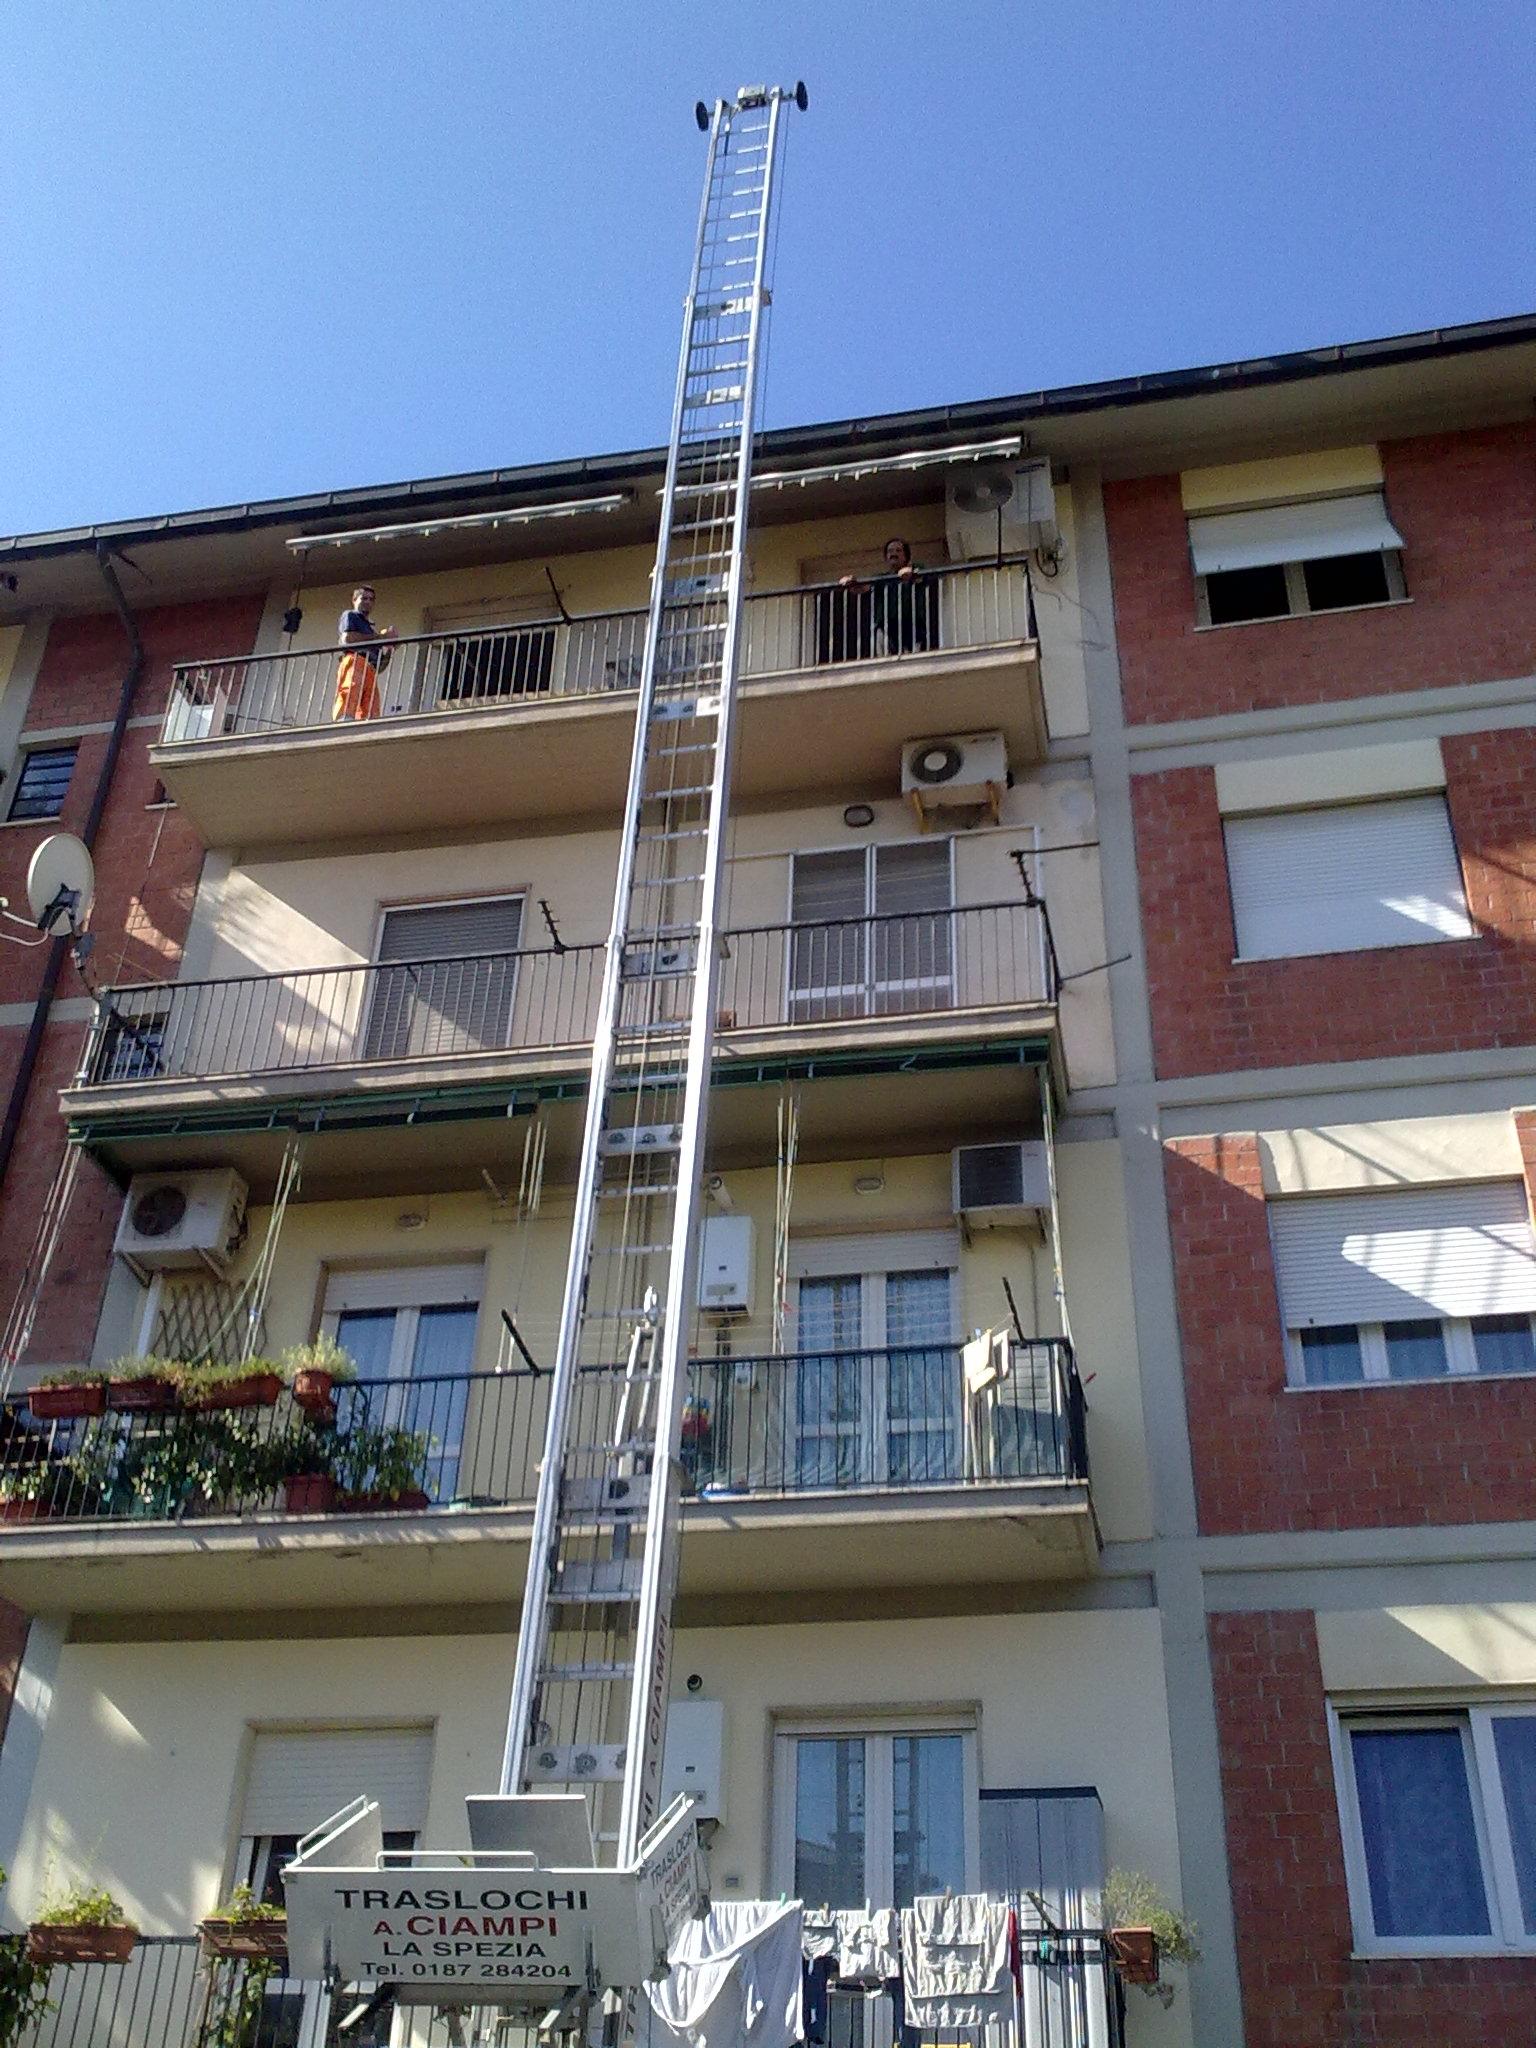 Svuota Appartamenti Gratis Firenze a. ciampi traslochi e sgomberi - imprese svuota tutto